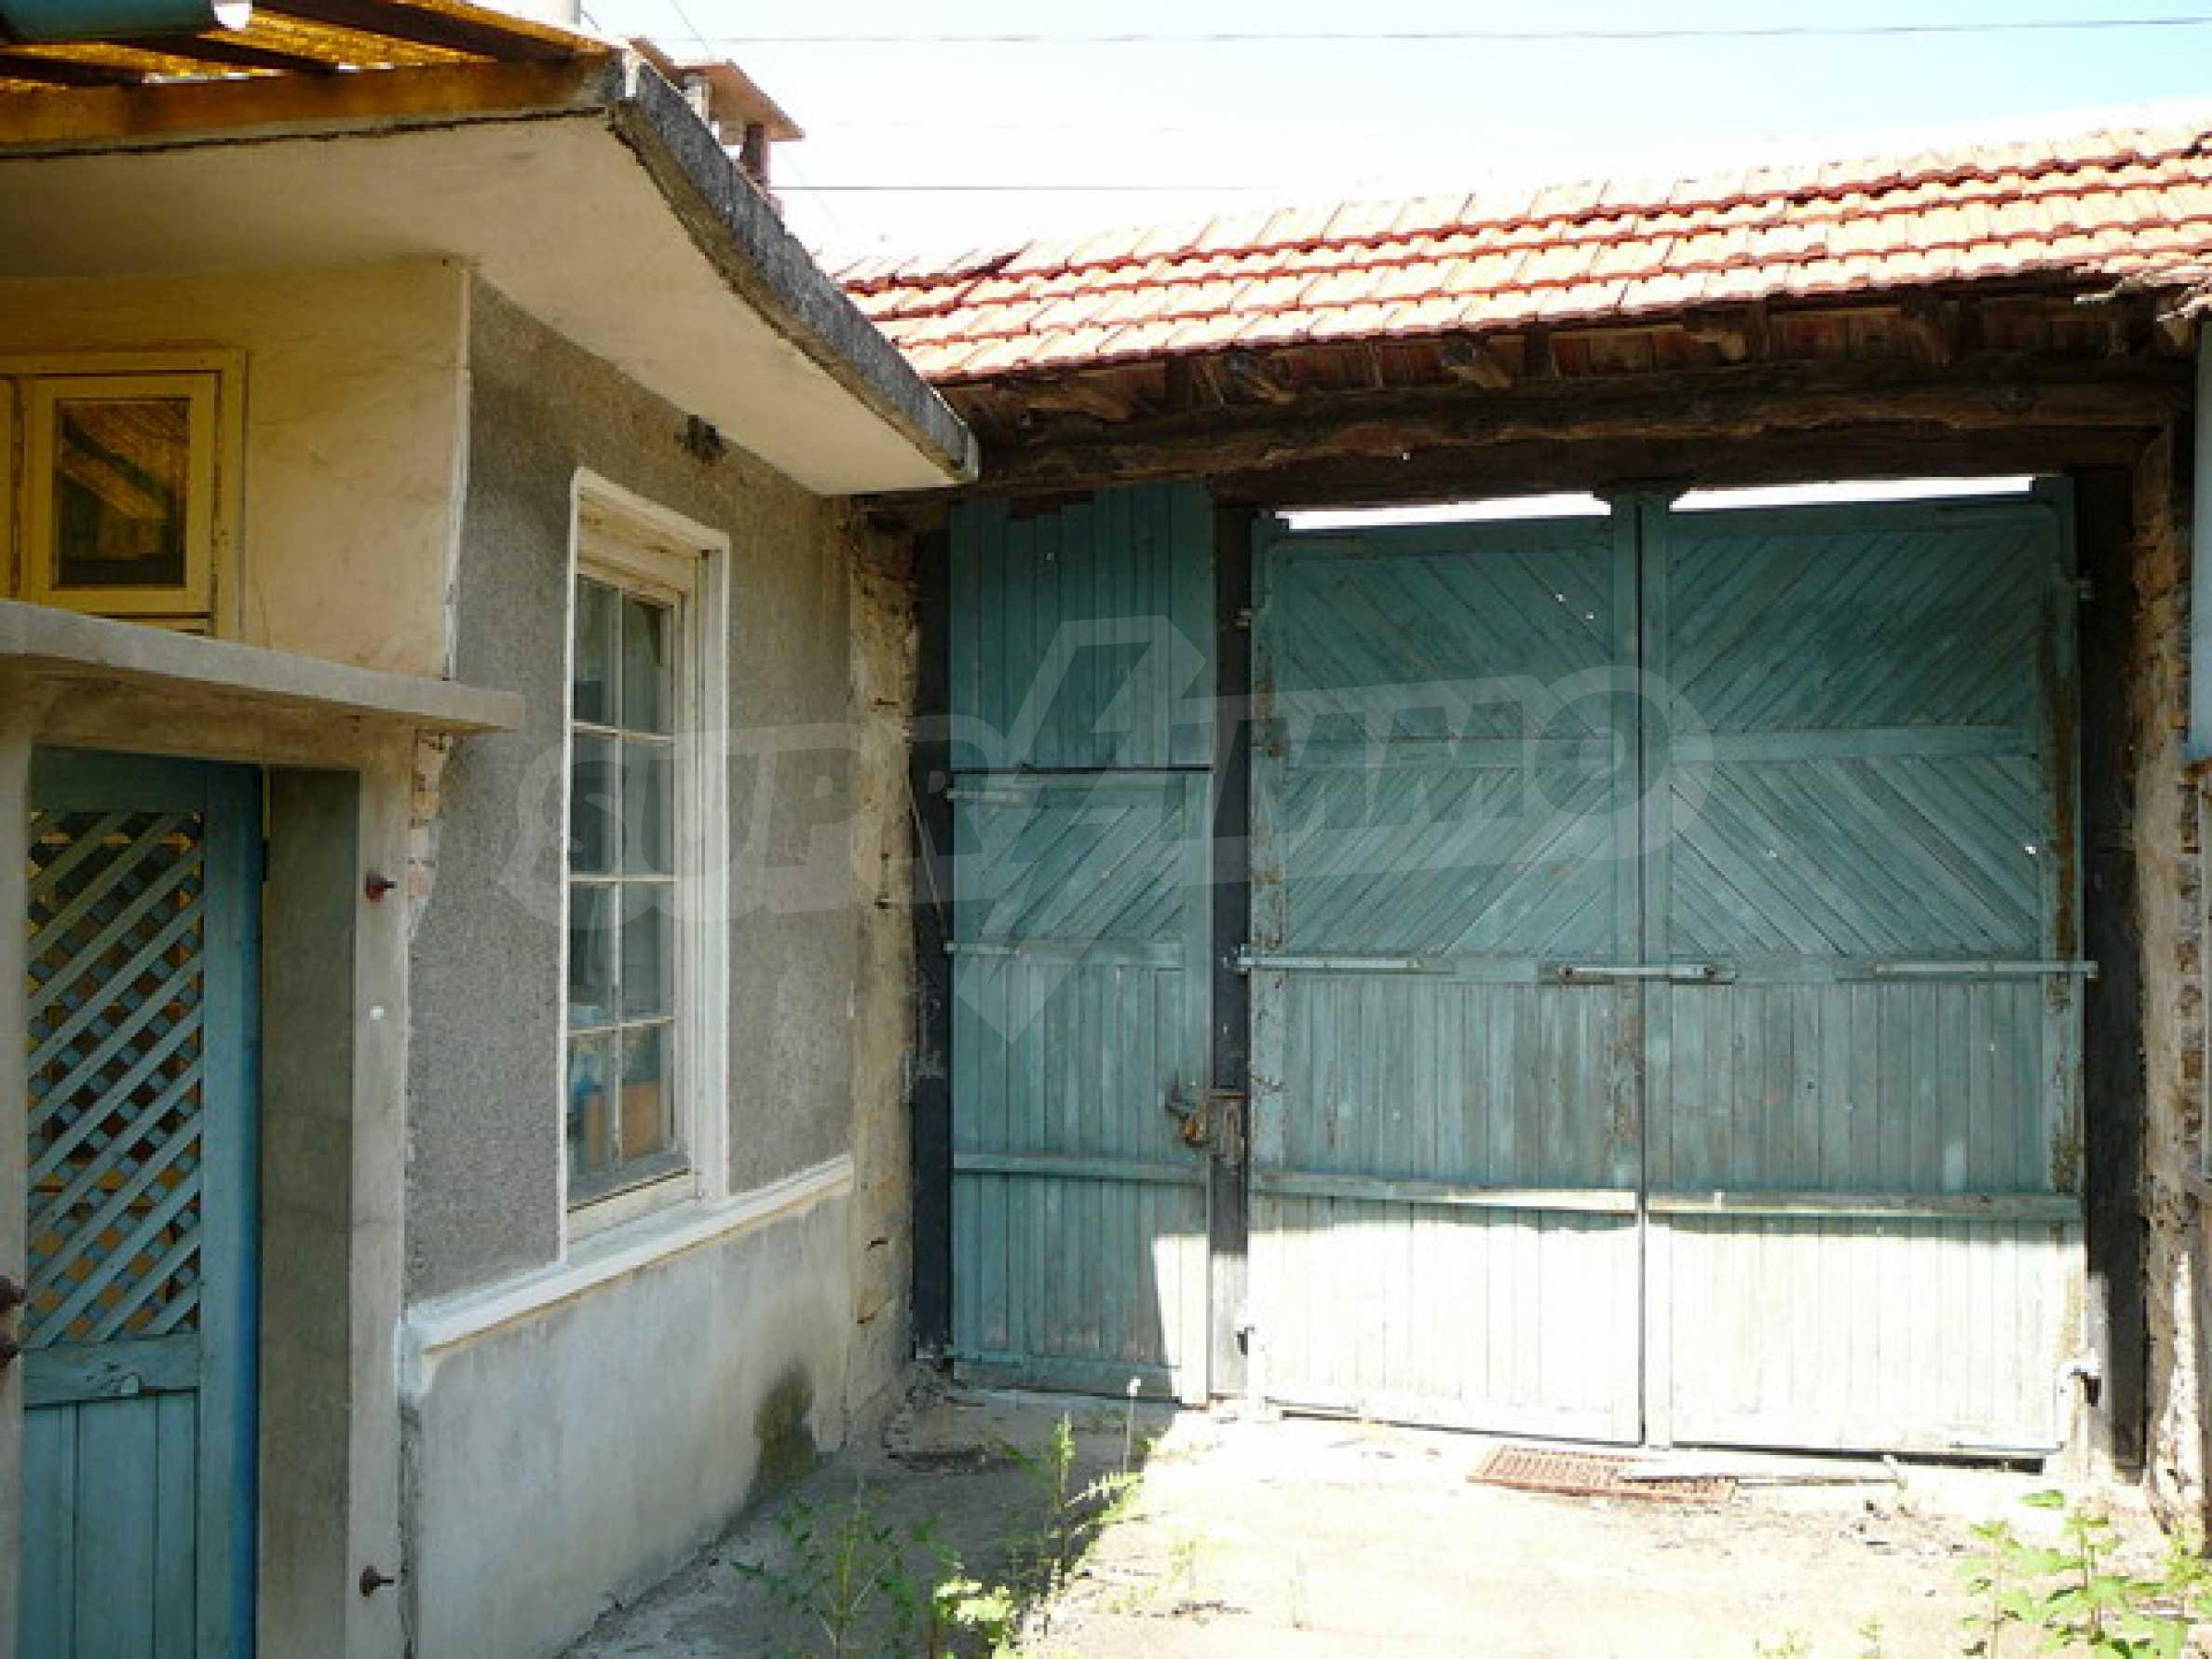 Къща за продажба близо до гр. Велико Търново 36